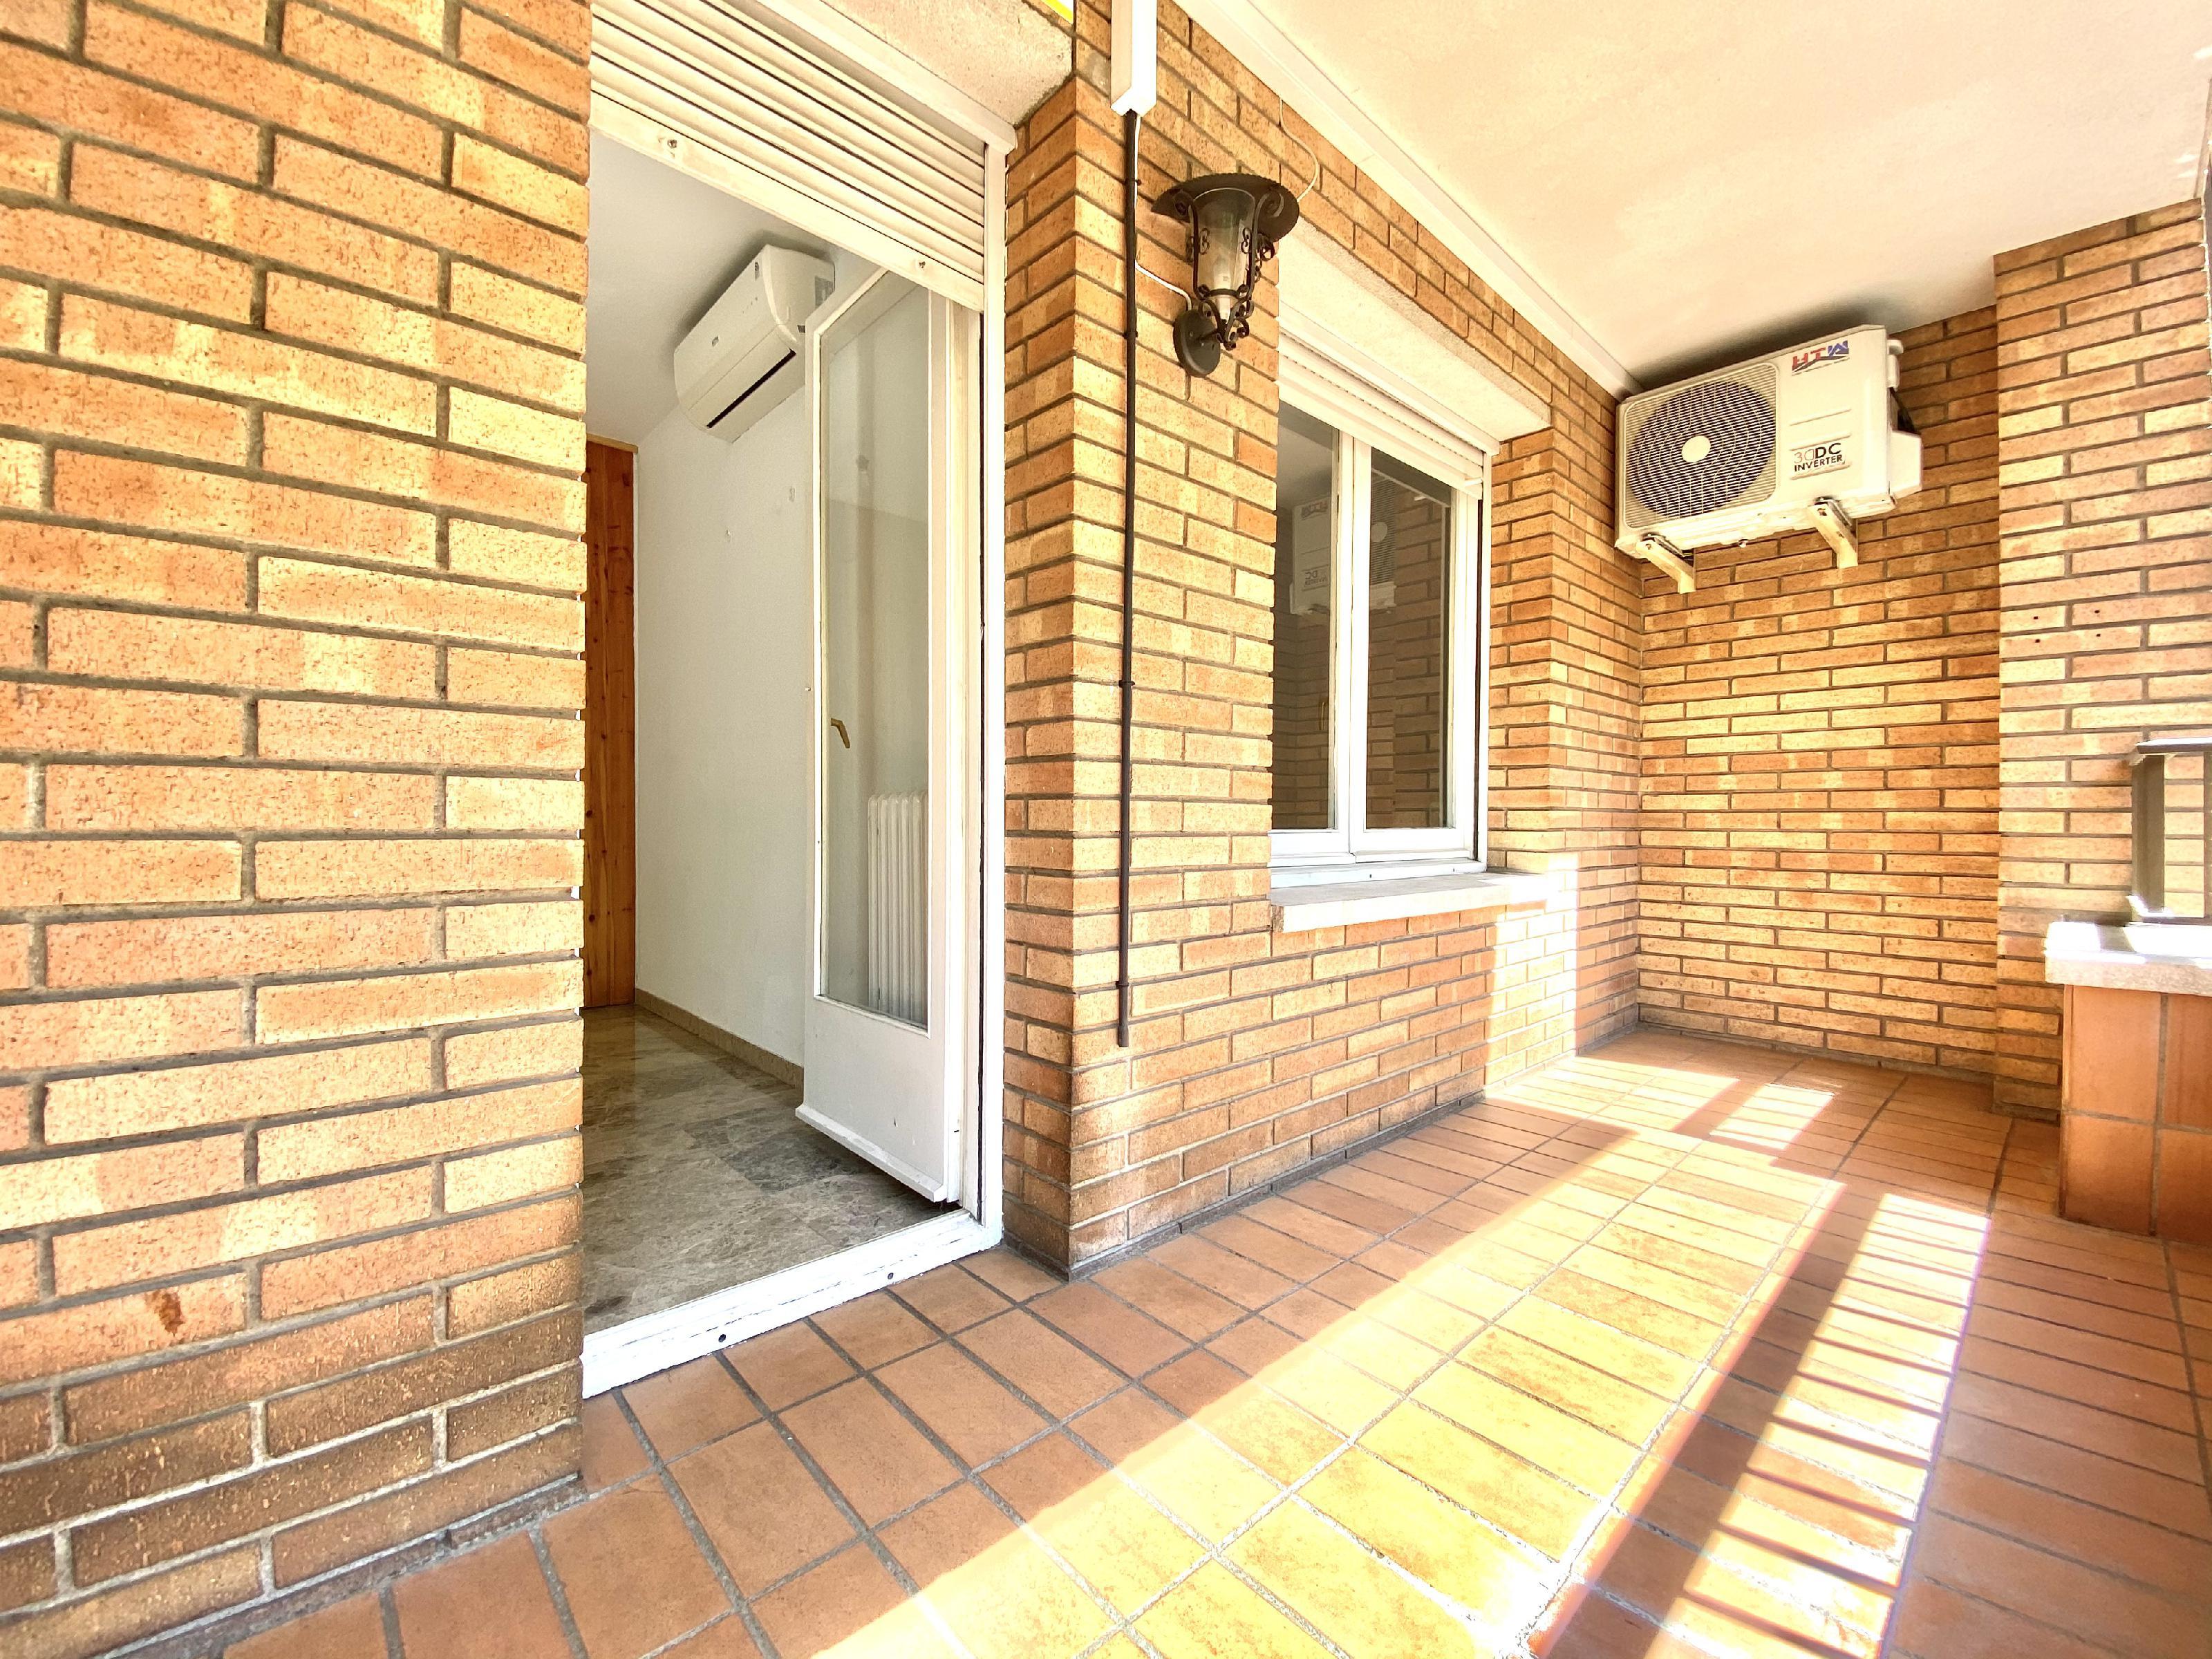 Imagen 4 Piso en venta en Rubí / En zona Mercat-Ribas a 5 minutos del Centro.